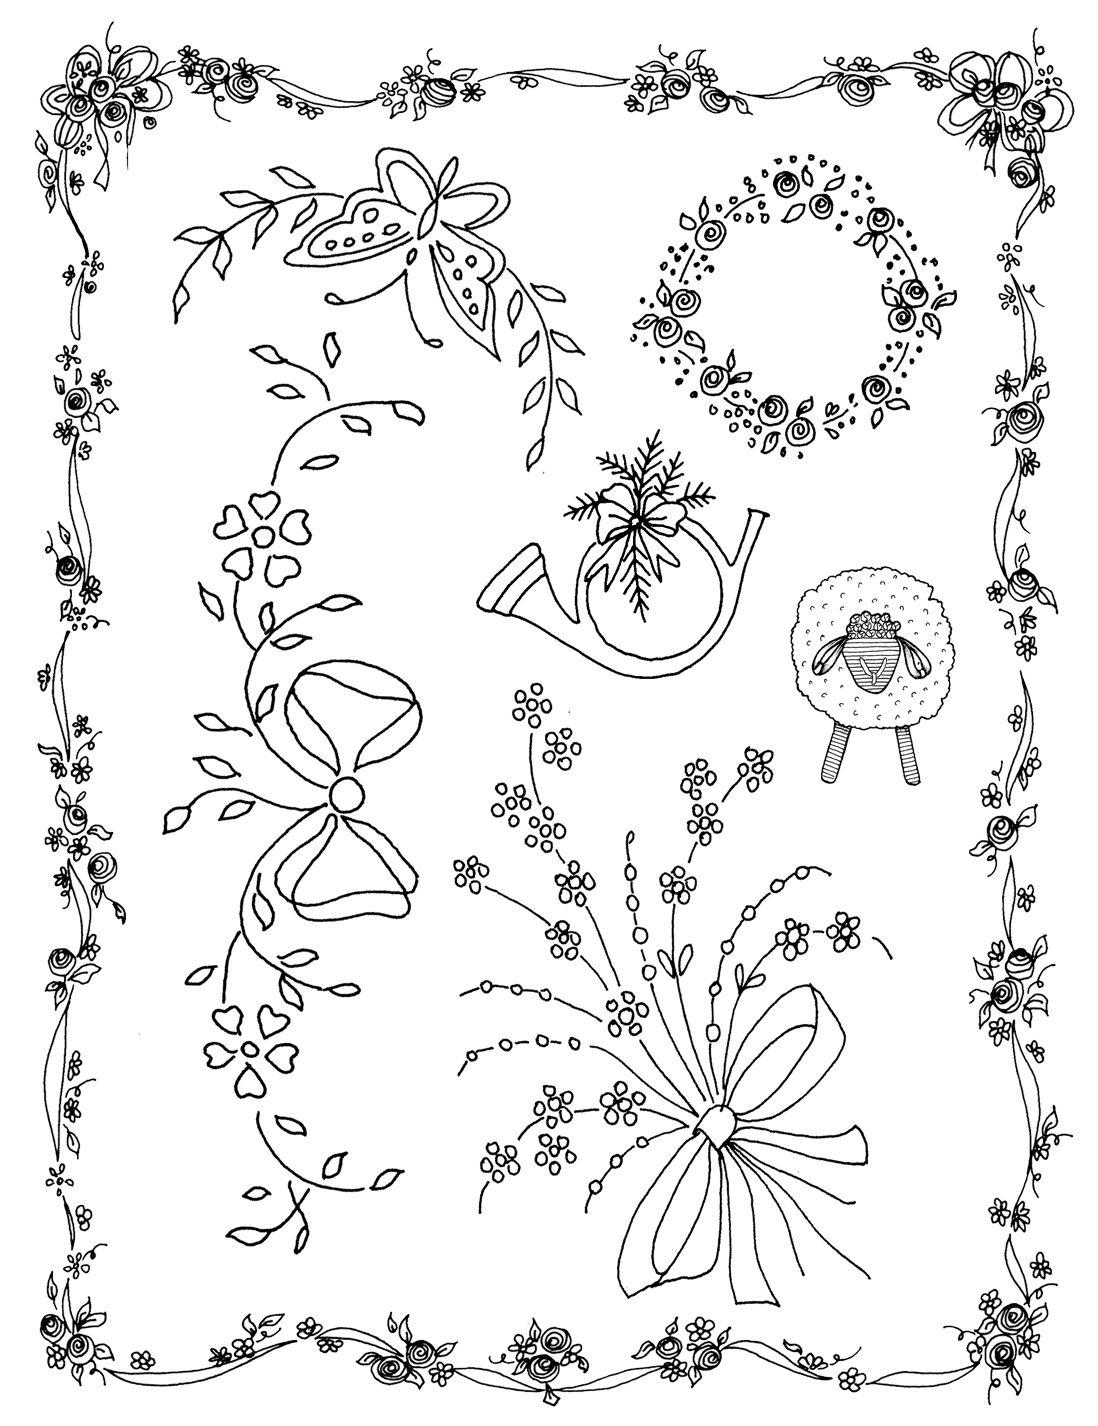 Pin de Gloria Cabal en bordado | Pinterest | Bordado, Dibujo y Bebé ...